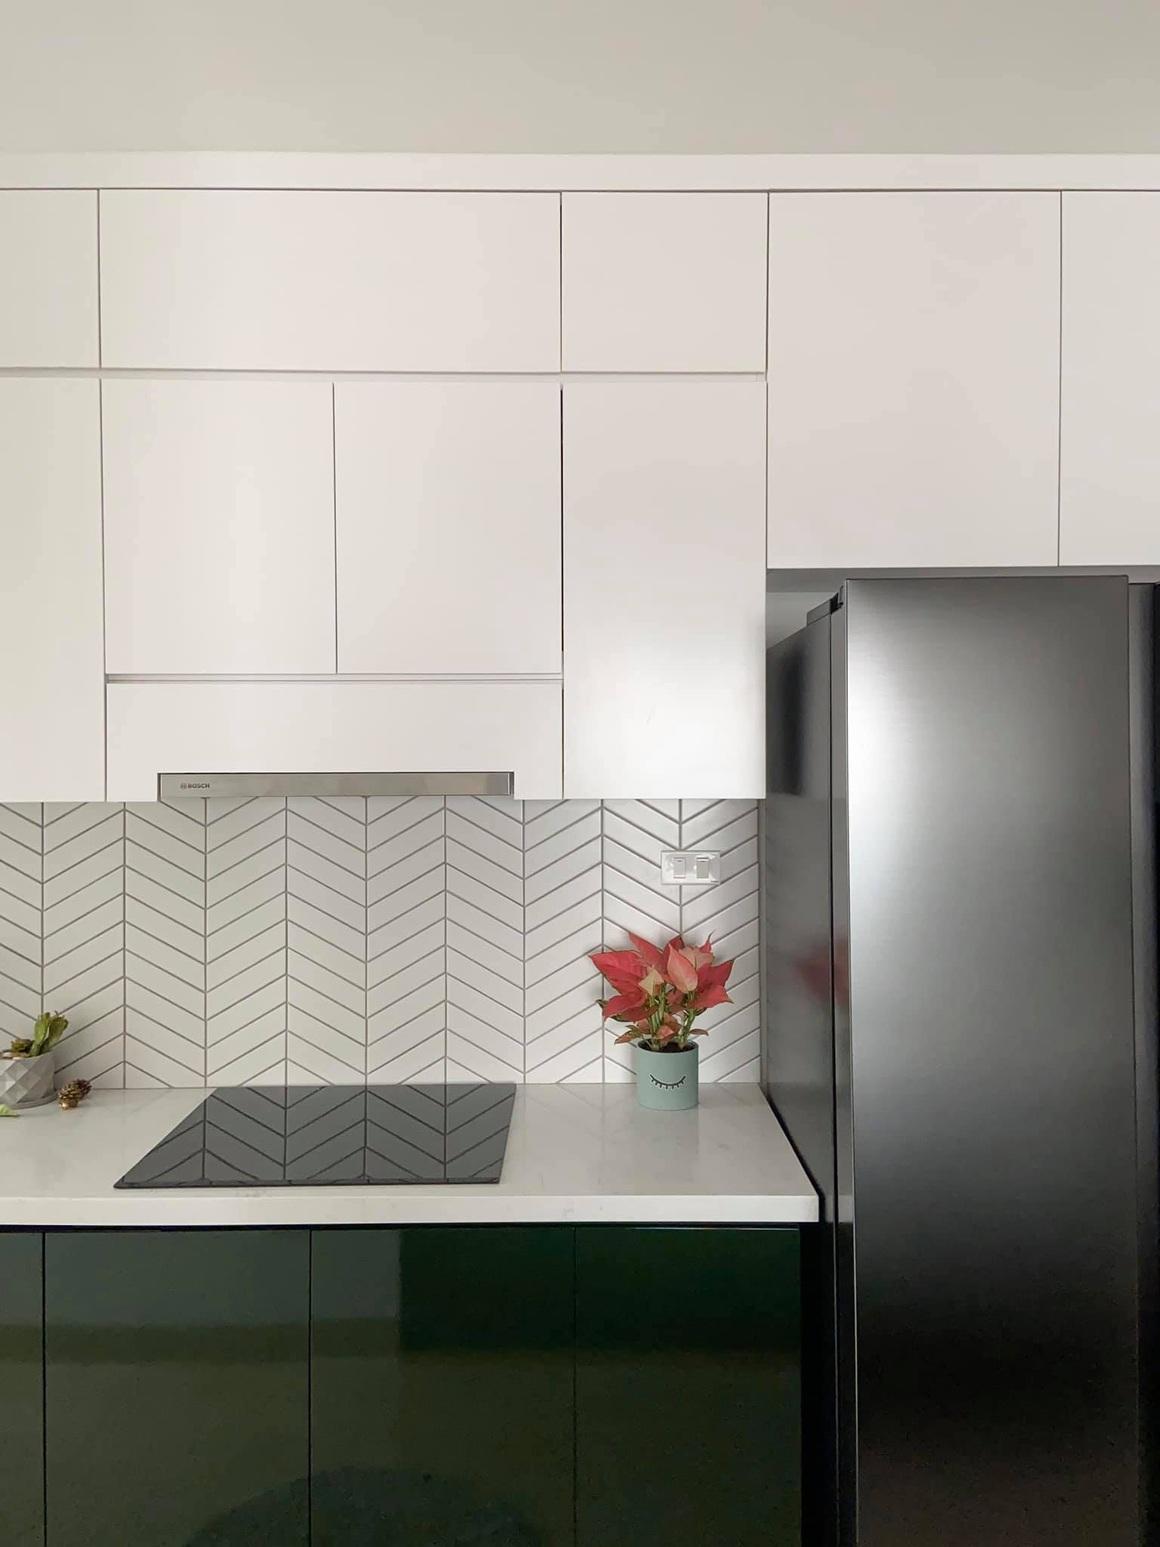 Ngắm căn hộ của gia chủ khó tính: Nội thất đẹp, lạ với tông màu xanh đậm - 7